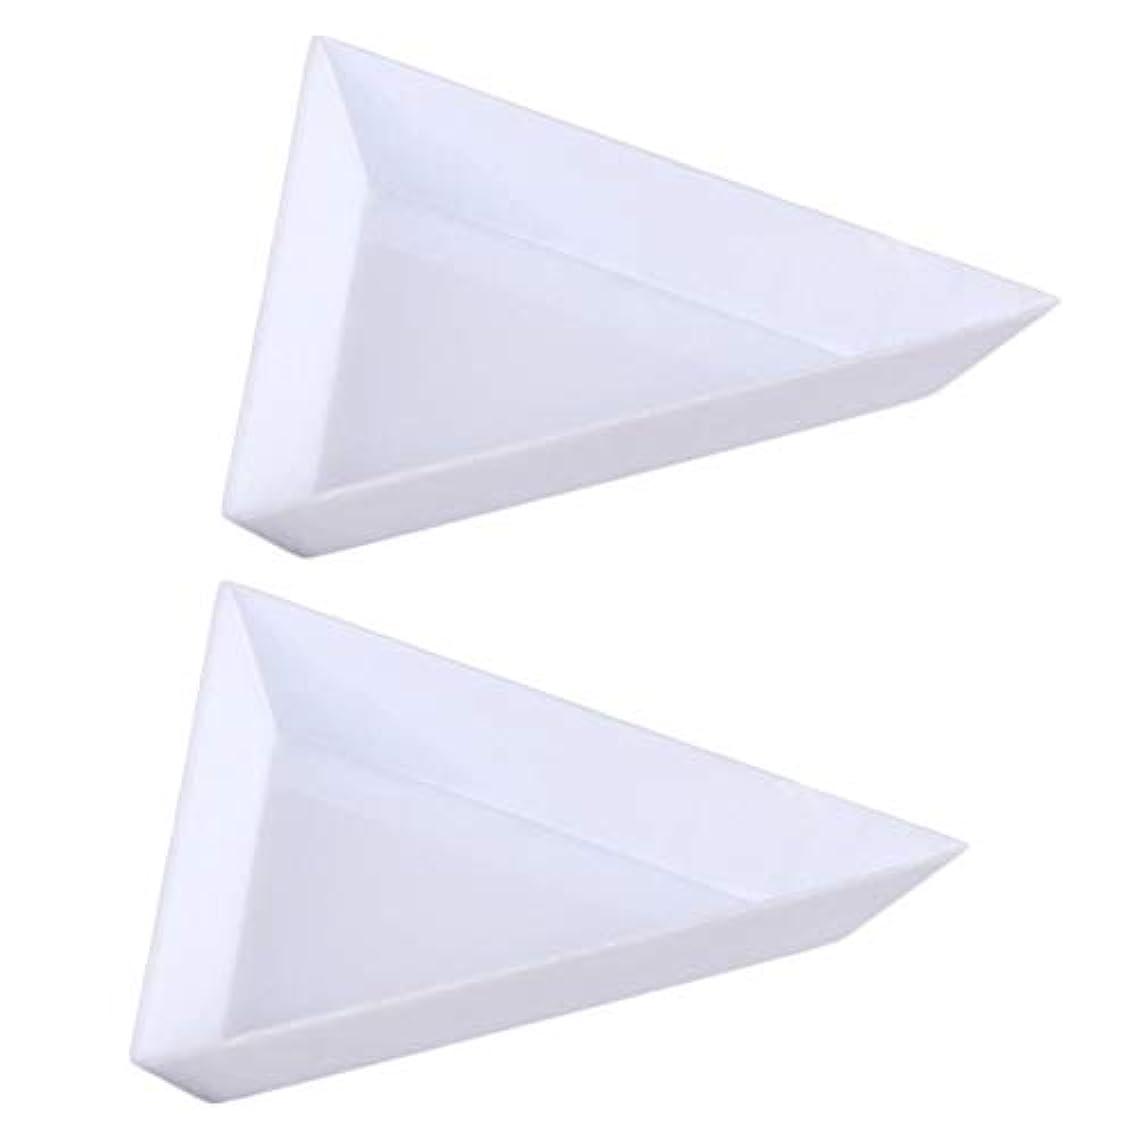 リスナー嘆く静かなGaoominy 10個三角コーナープラスチックラインストーンビーズ 結晶 ネイルアートソーティングトレイアクセサリー白 DiyネイルアートデコレーションDotting収納トレイ オーガニゼーションに最適